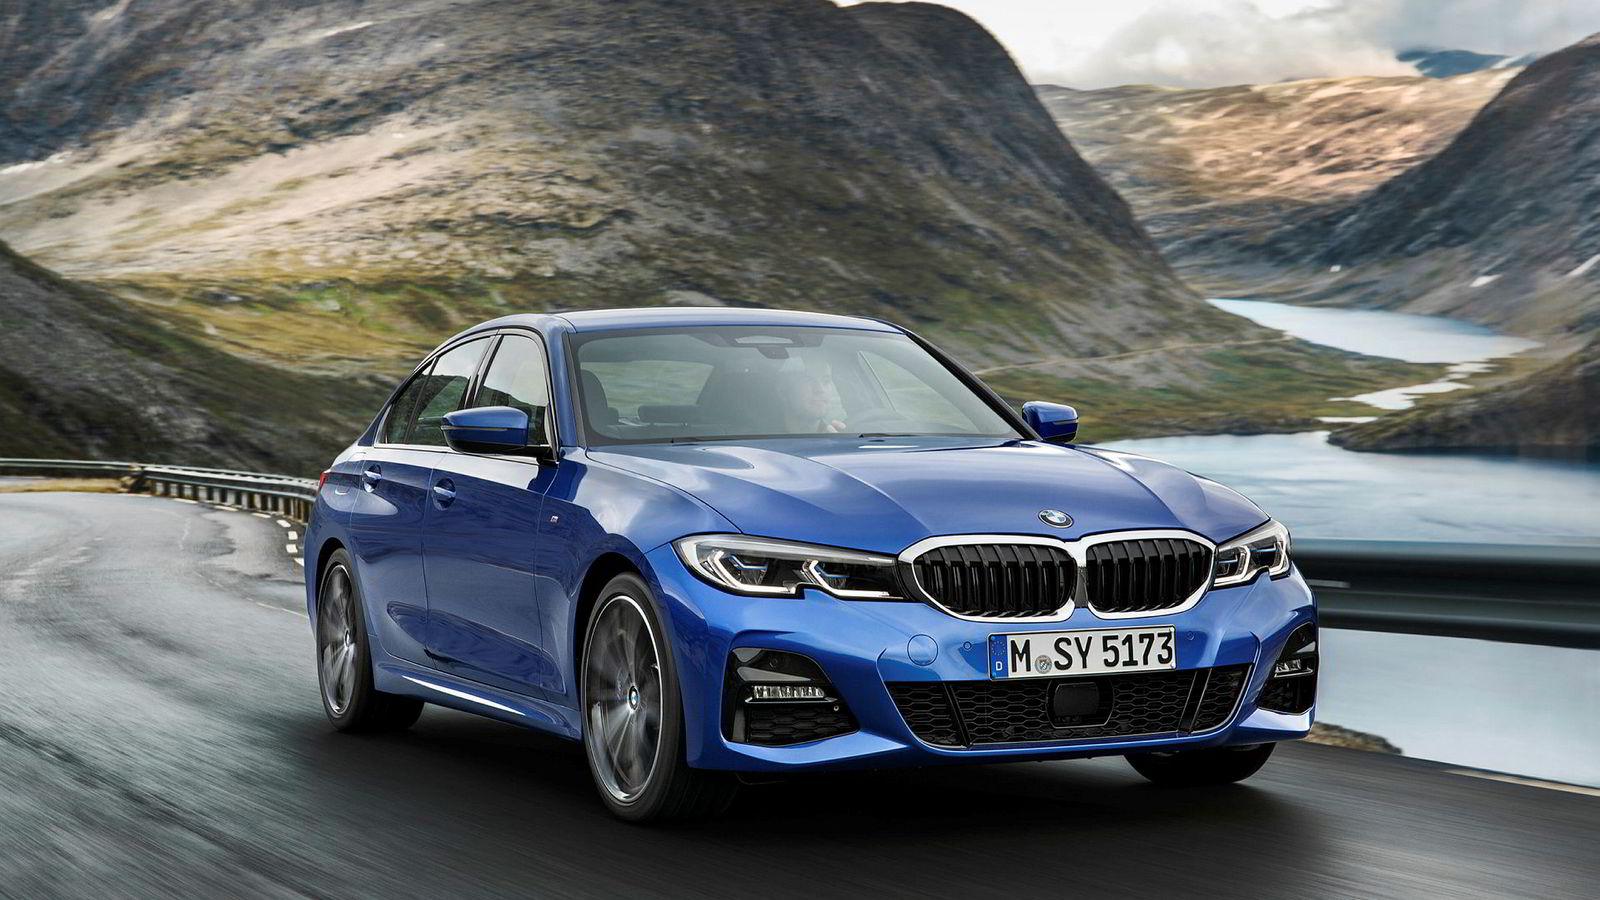 BMWs nye 3-serie har allerede vært på besøk i Norge der disse promobildene ble tatt.